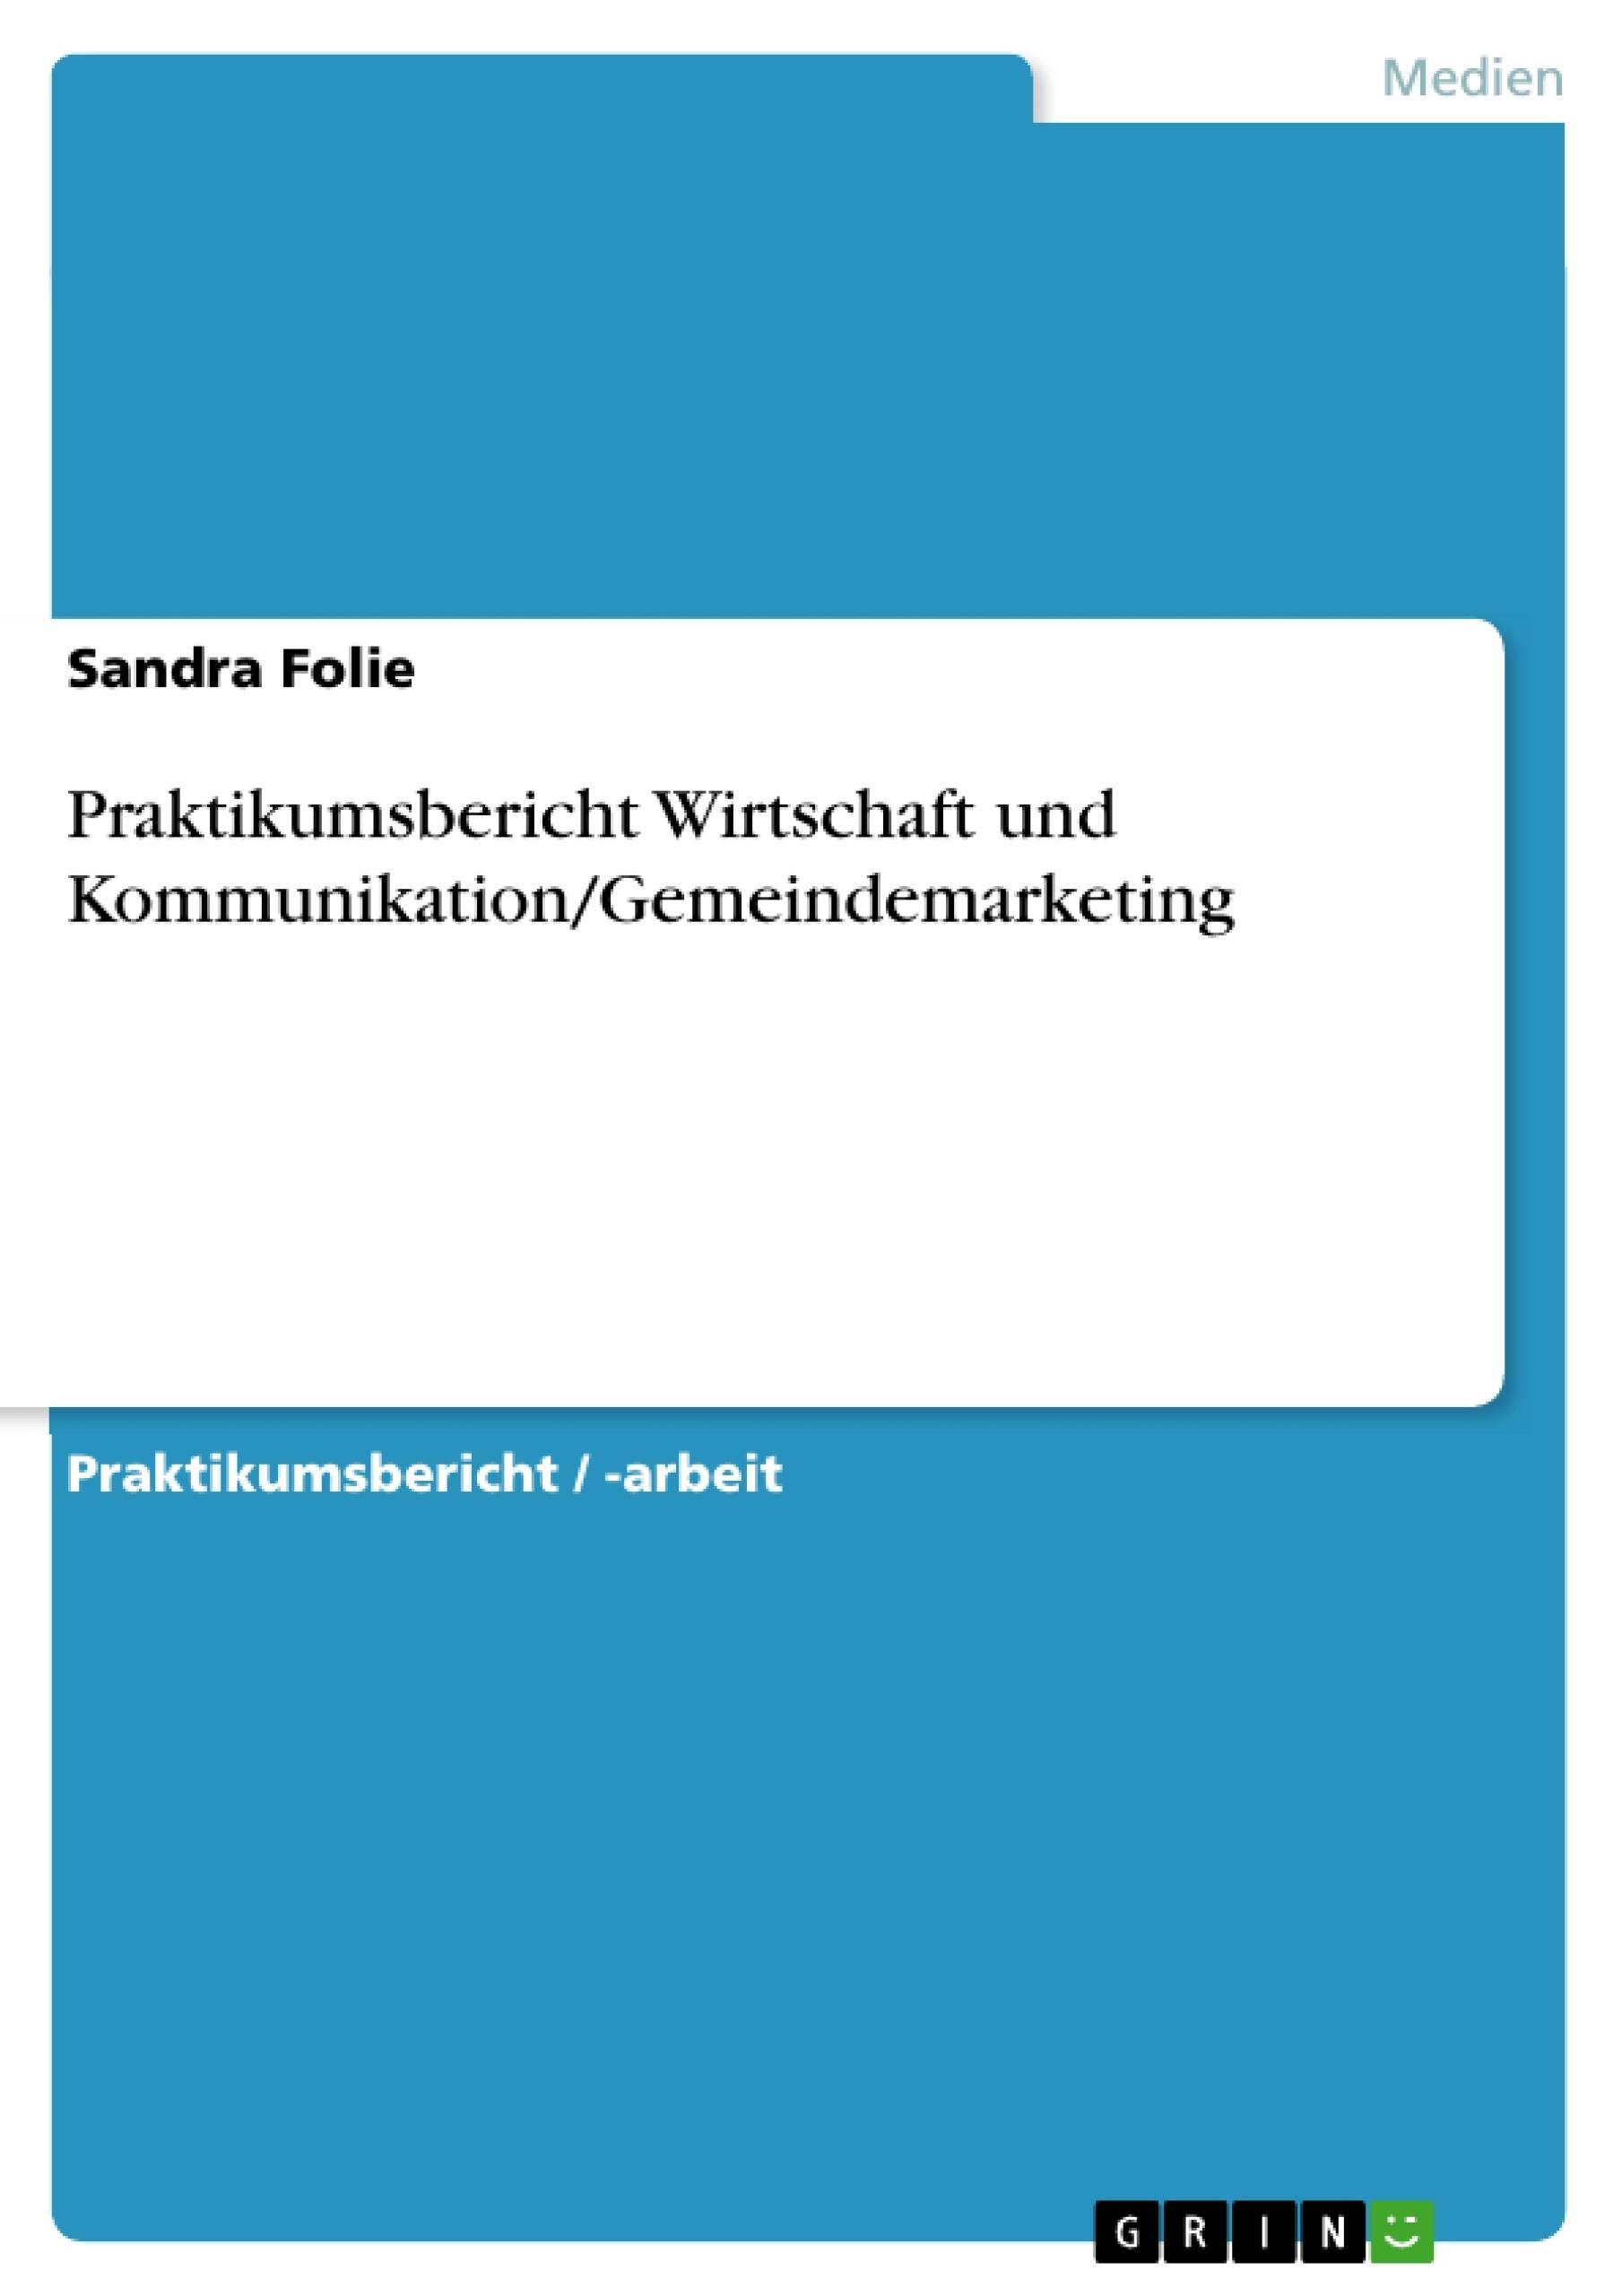 Titel: Praktikumsbericht Wirtschaft und Kommunikation/Gemeindemarketing